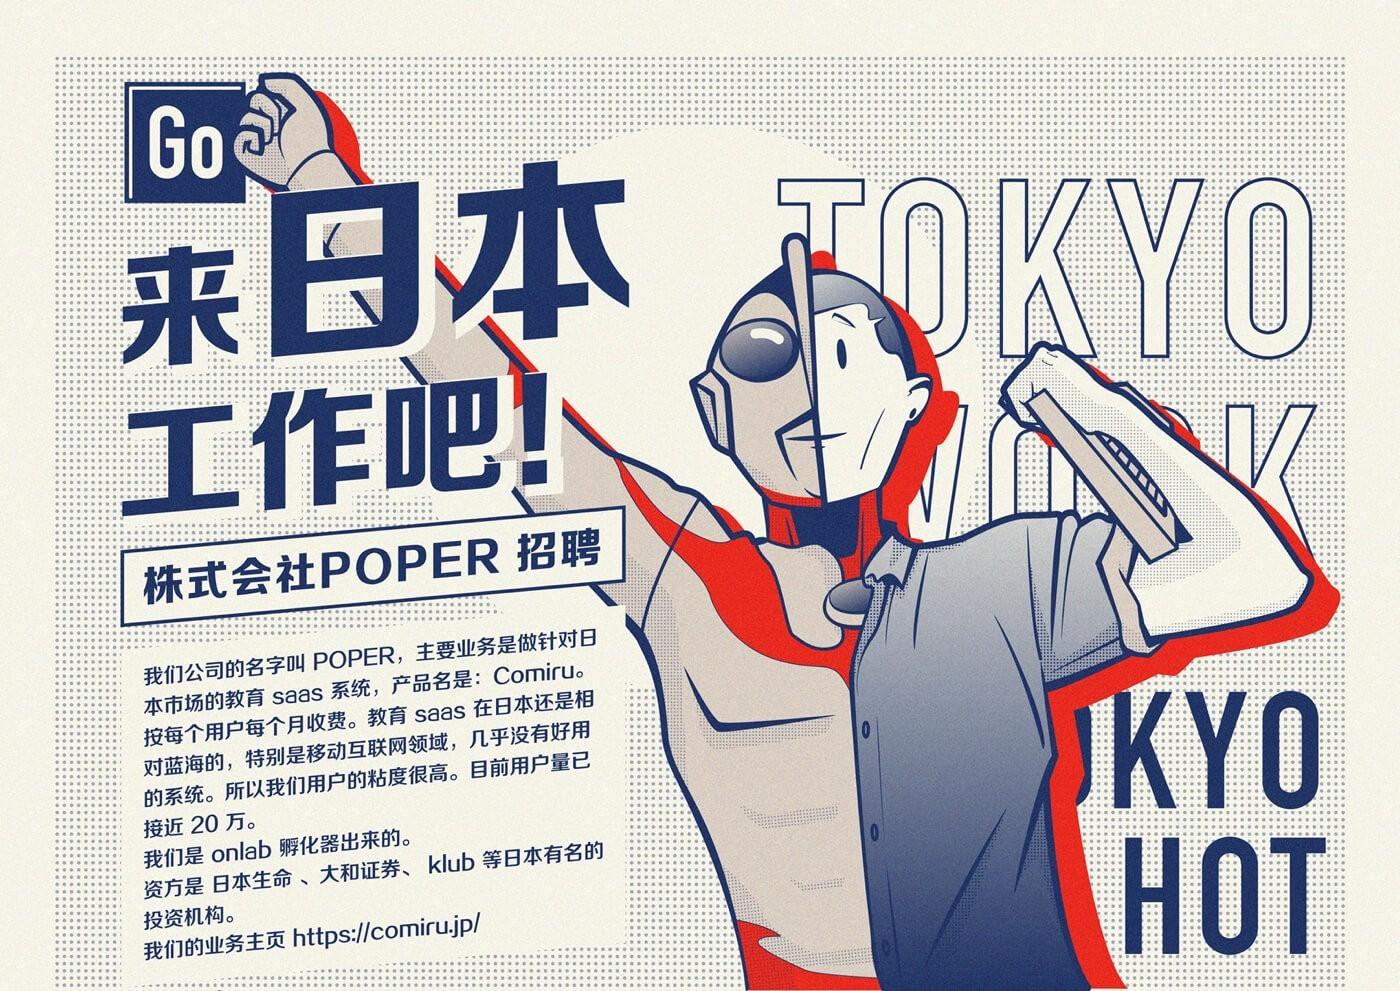 [东京][20K-30K] 【热门】【东京站新办公司】日本最大的教育 SAAS 系统-持续招聘 工程师